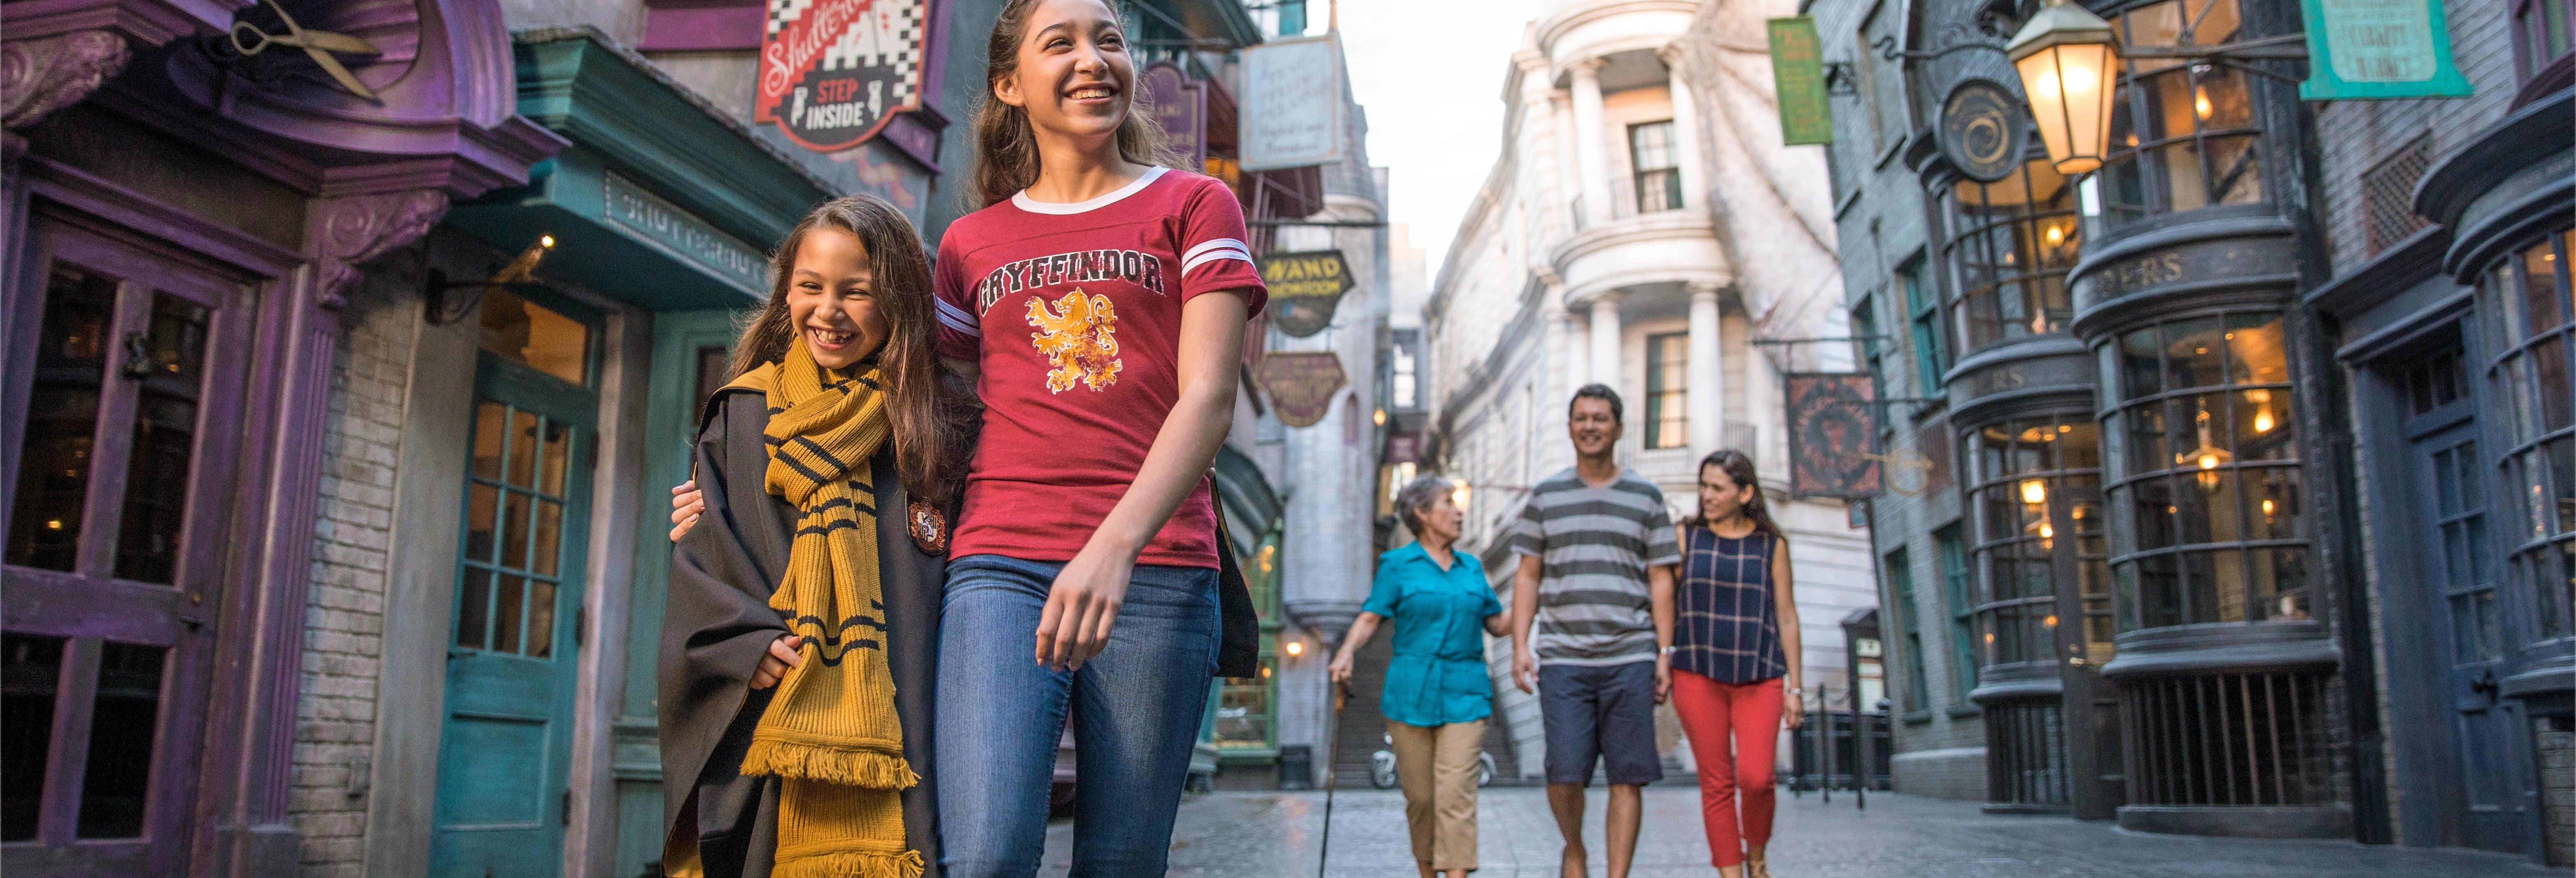 Excursão ao Universal Studios Orlando